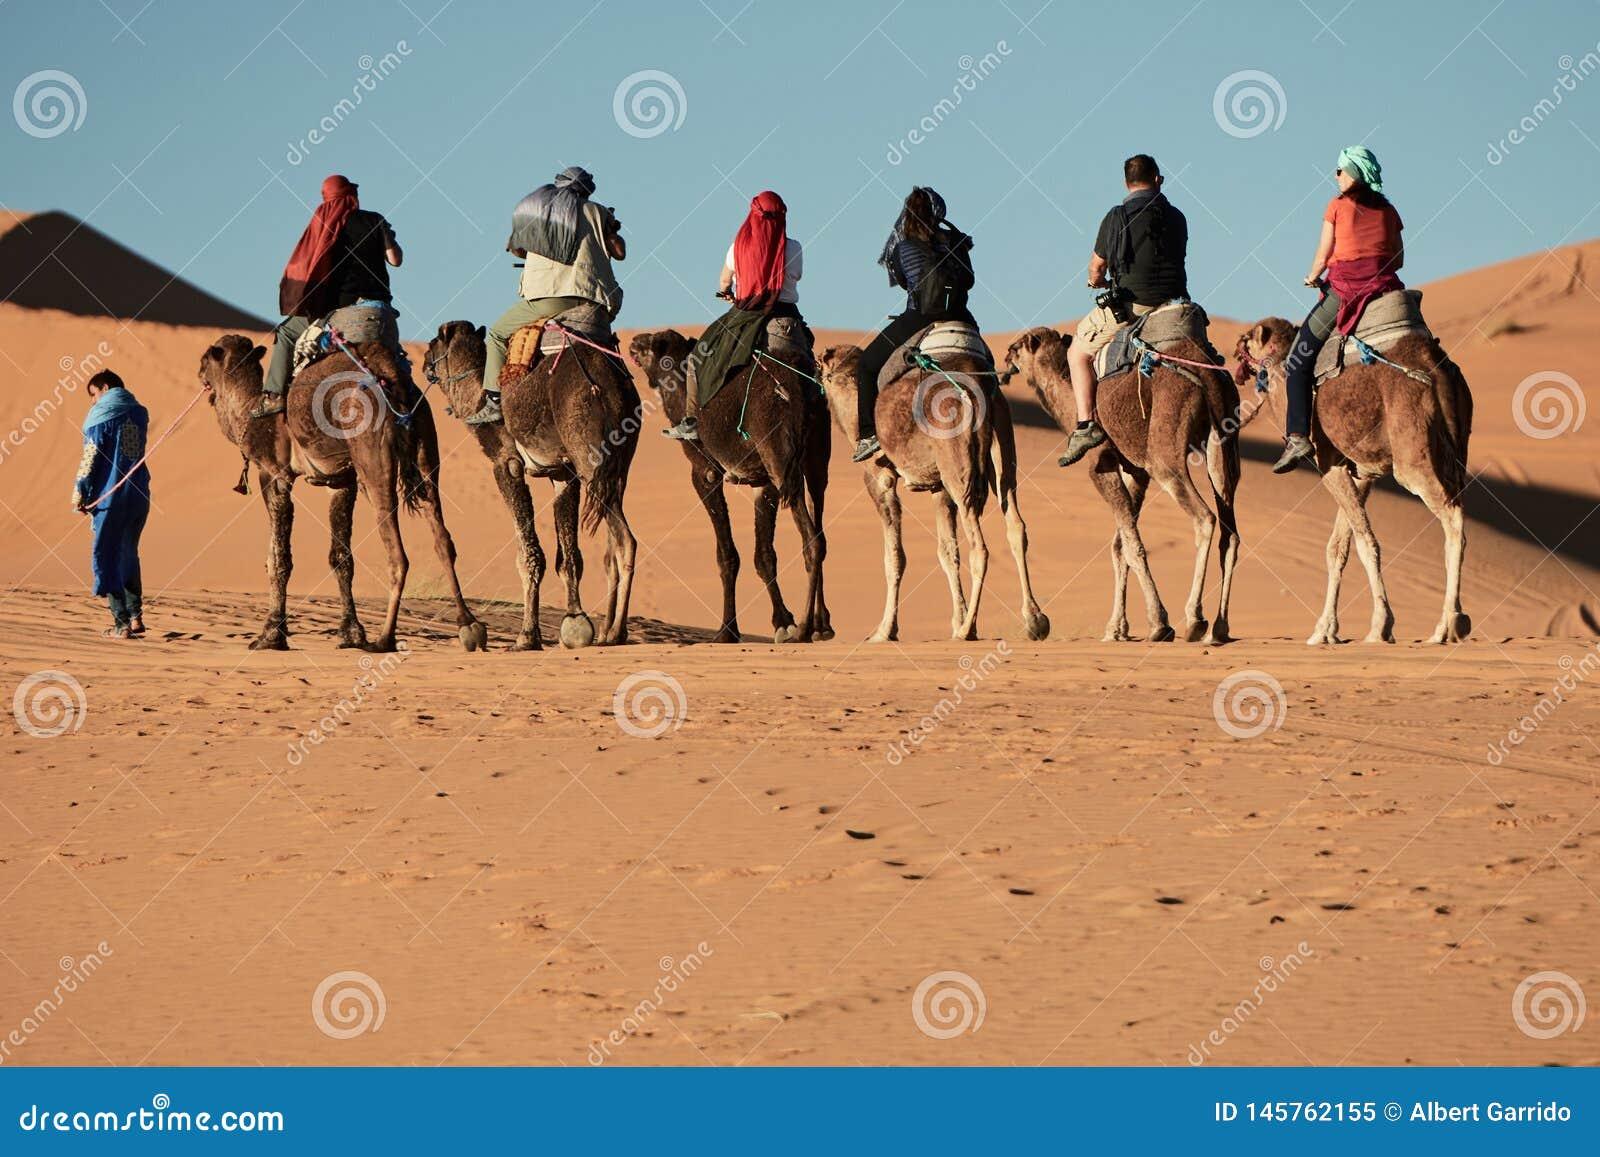 Merzouga, Maroc - 5 décembre 2018 : excursion de chameau dans le désert de merzouga